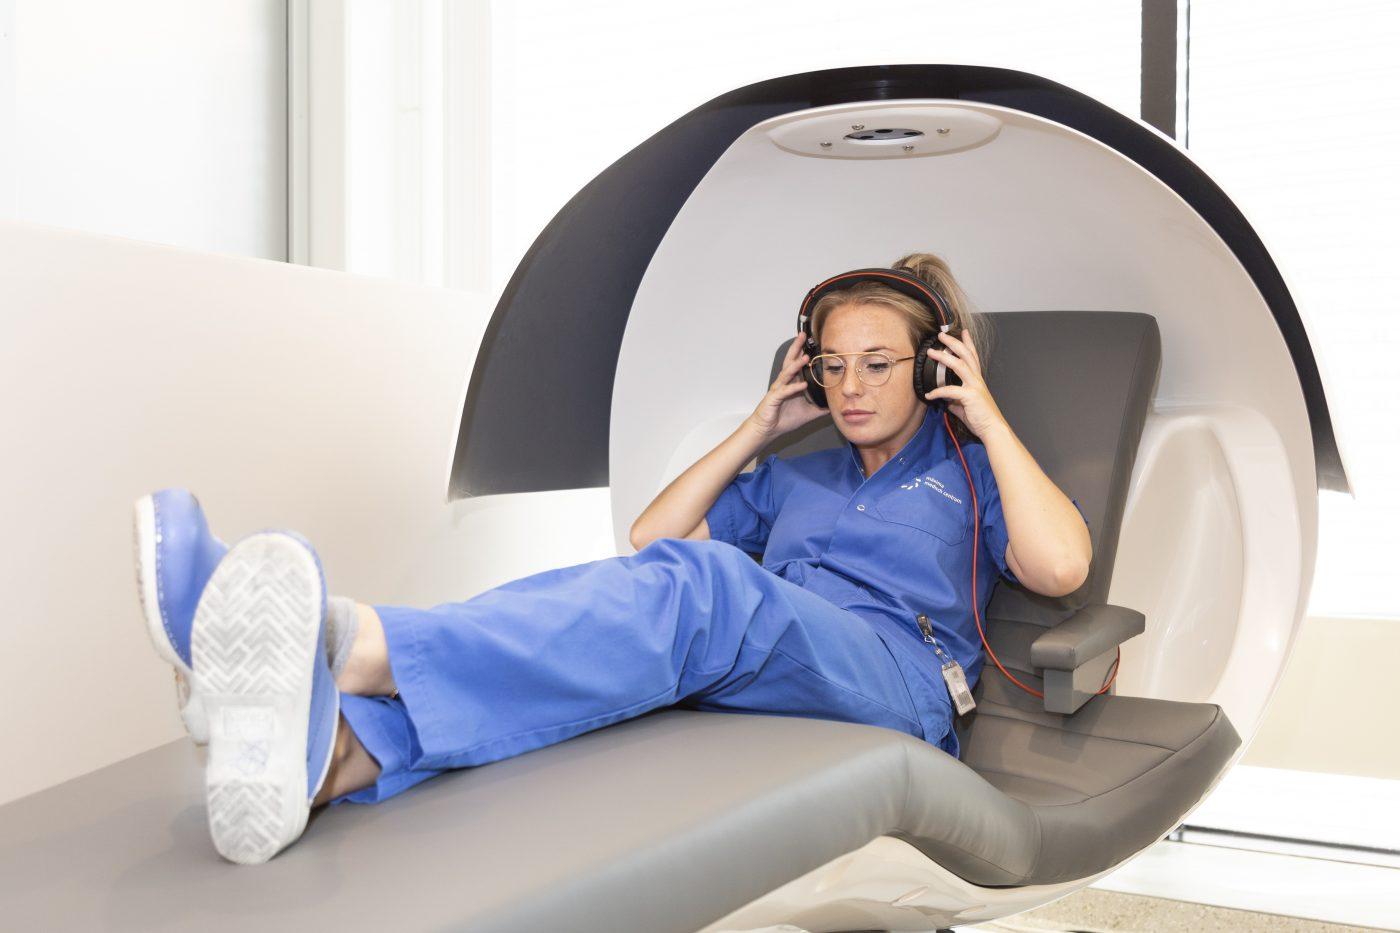 zorgmedewerker ontspannend